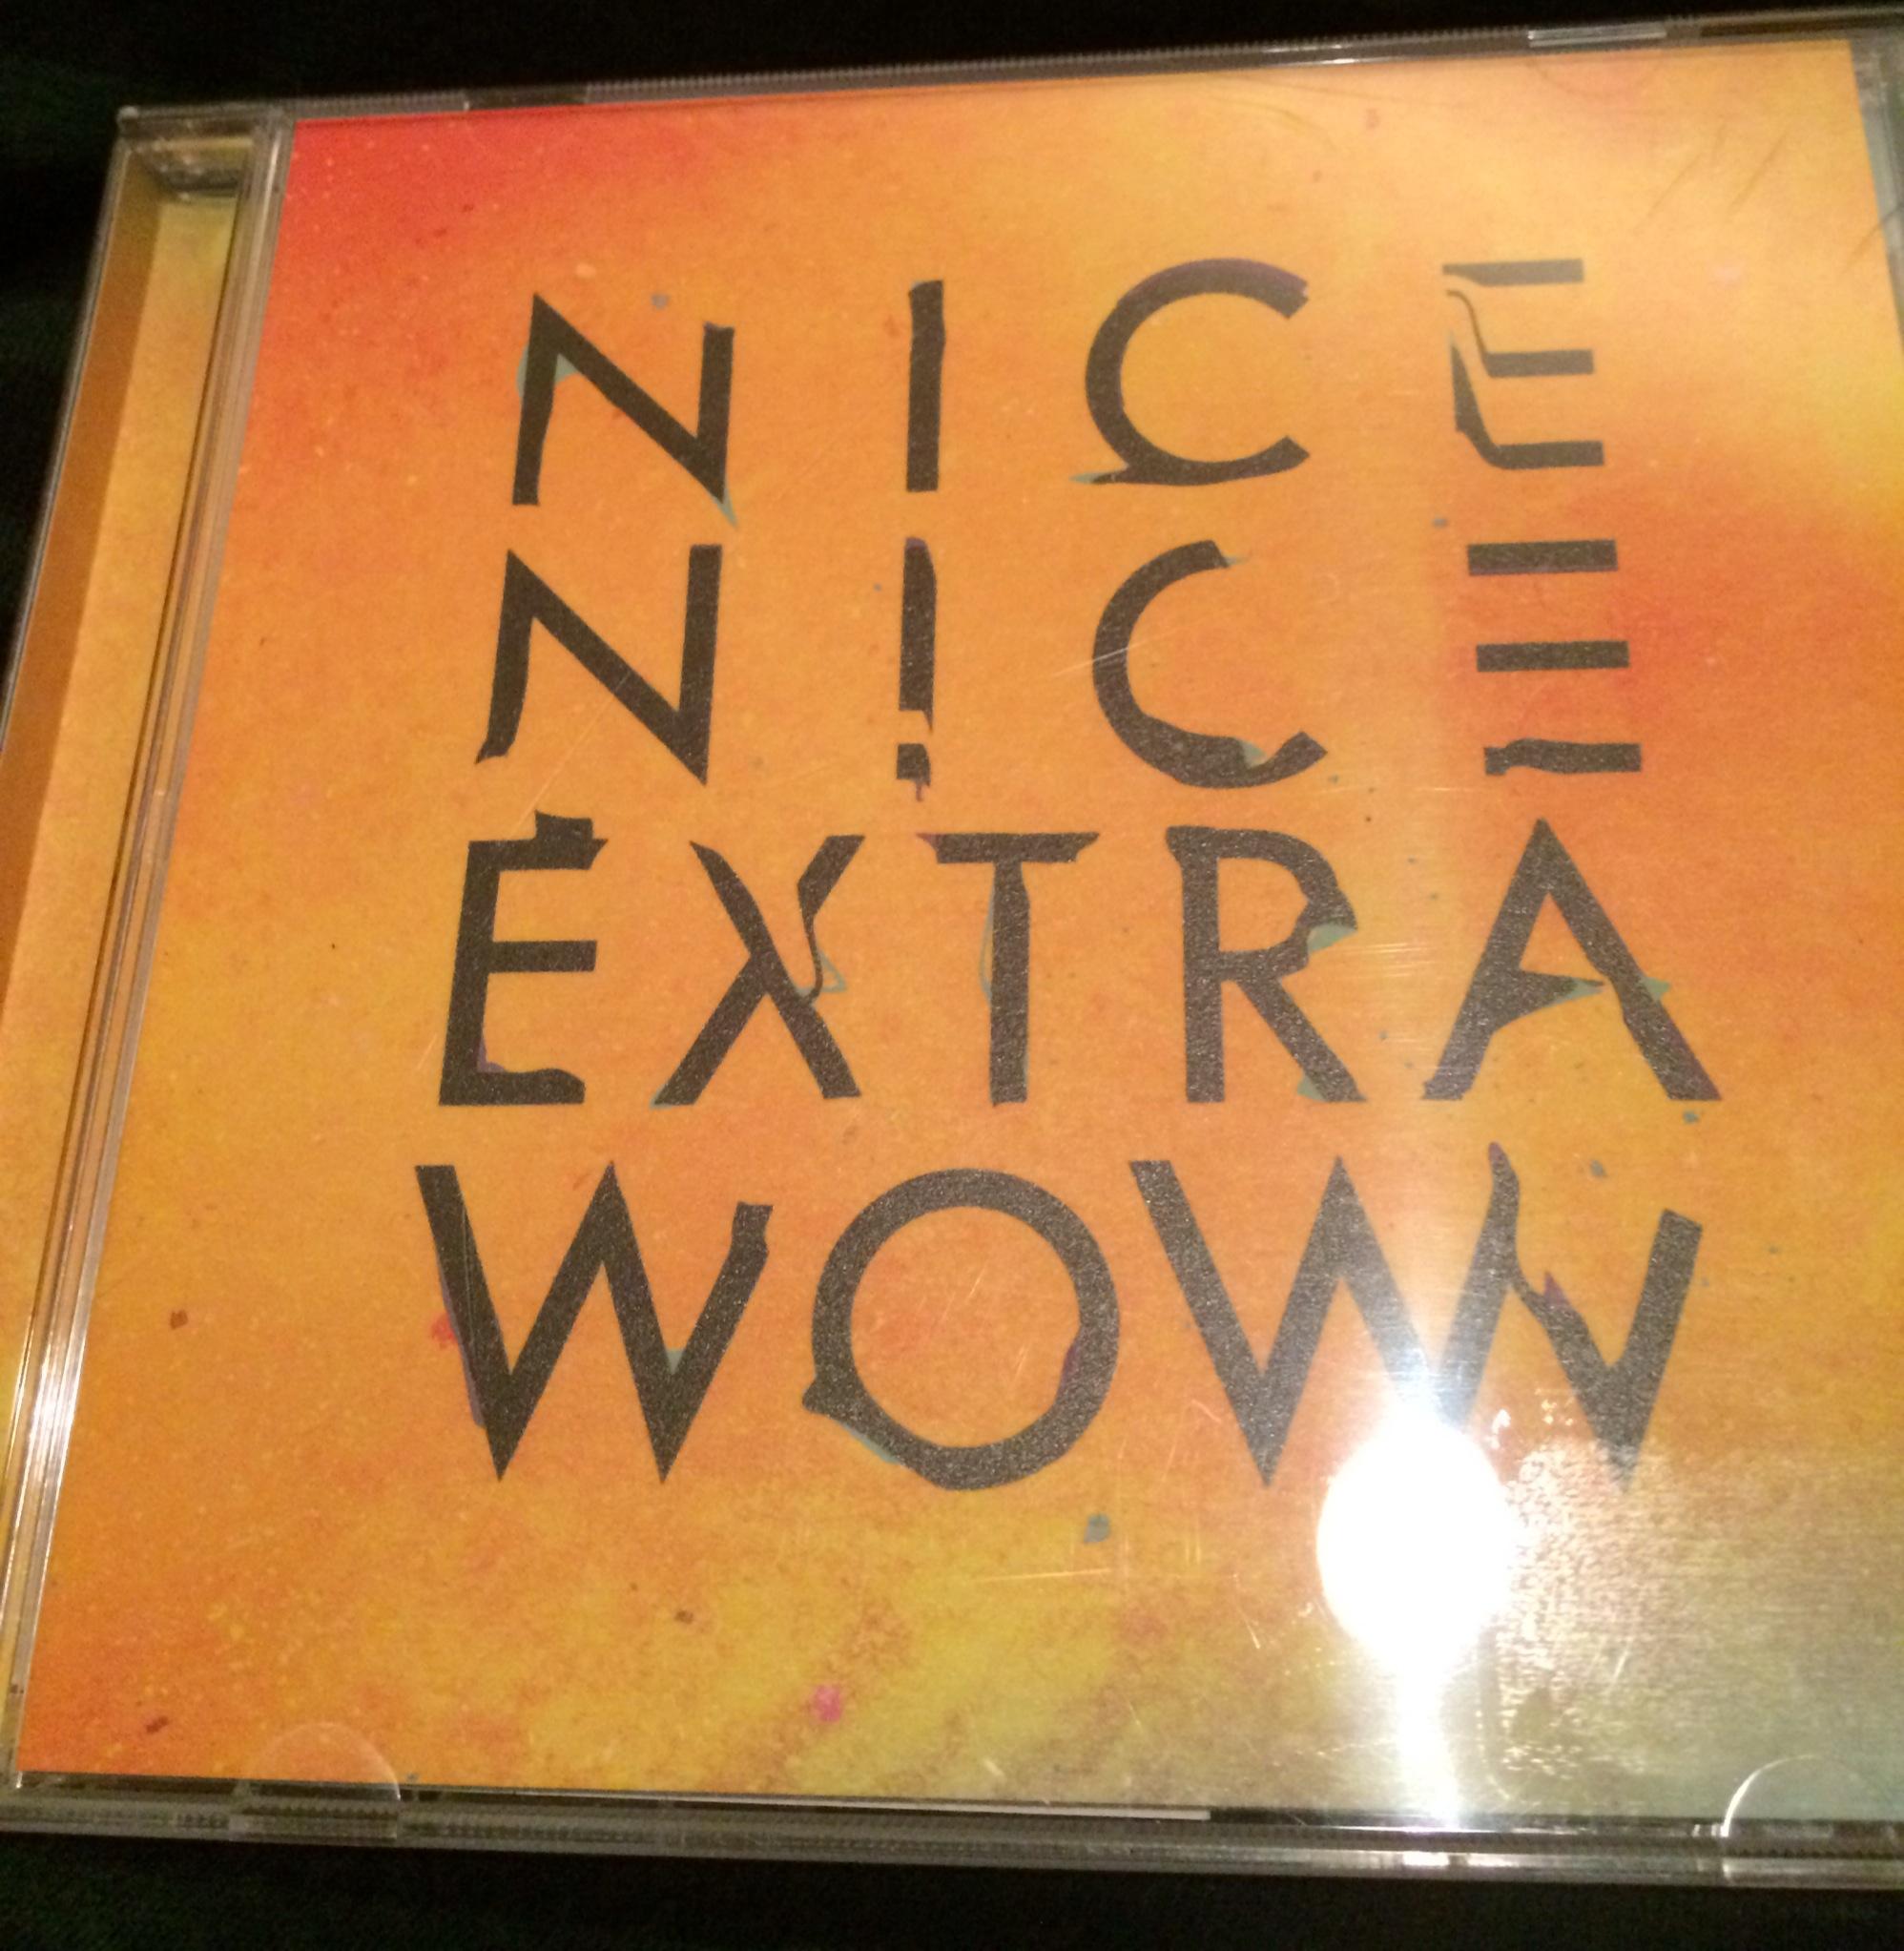 NICE NICE / extra wow